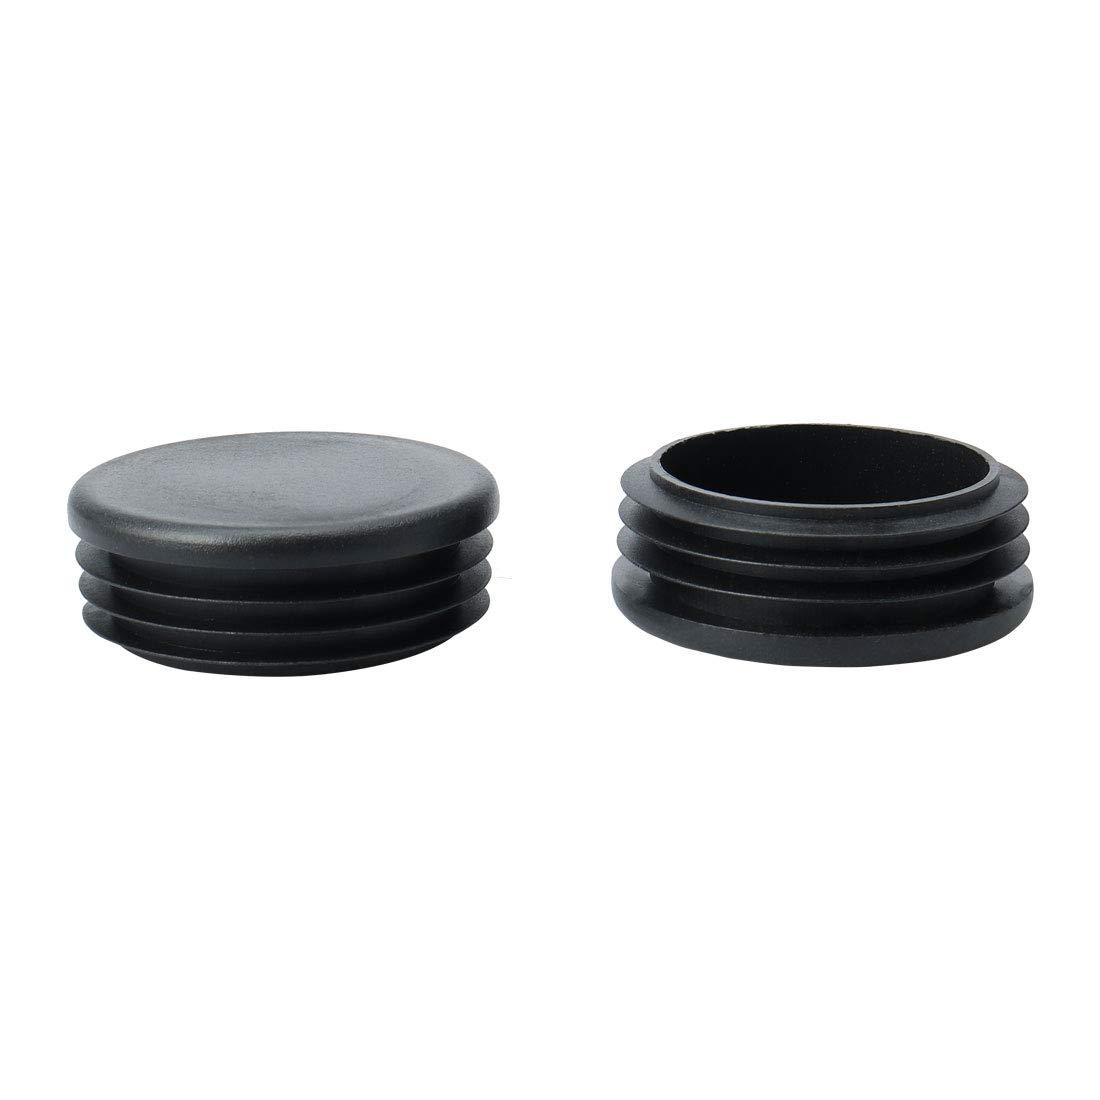 Keoptop accesorios de fontanero roscado maleable para l/ámparas steampunk vintage 20 piezas de 1,9 cm de tubo de brida de suelo pintado de hierro industrial negro para decoraci/ón de muebles